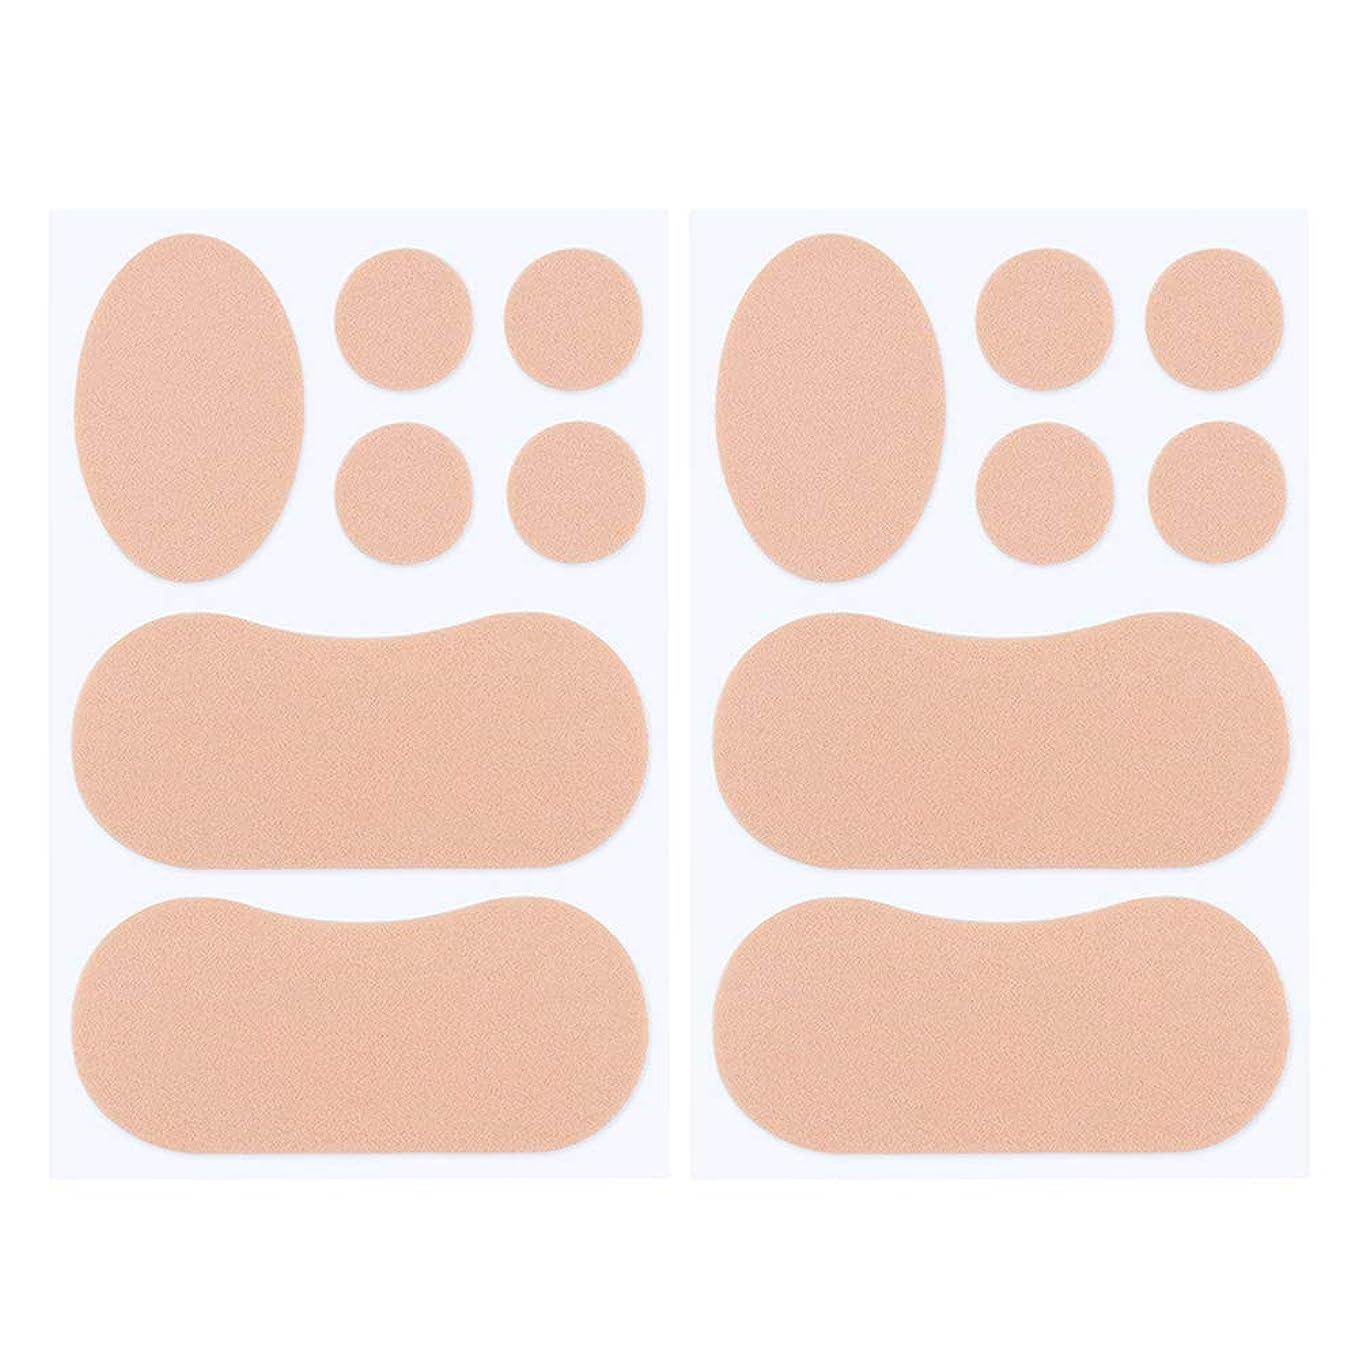 鏡無関心おしゃれじゃないFrcolor 2セット靴ずれ防止 ヒールステッカー つま先プロテクター フットケア